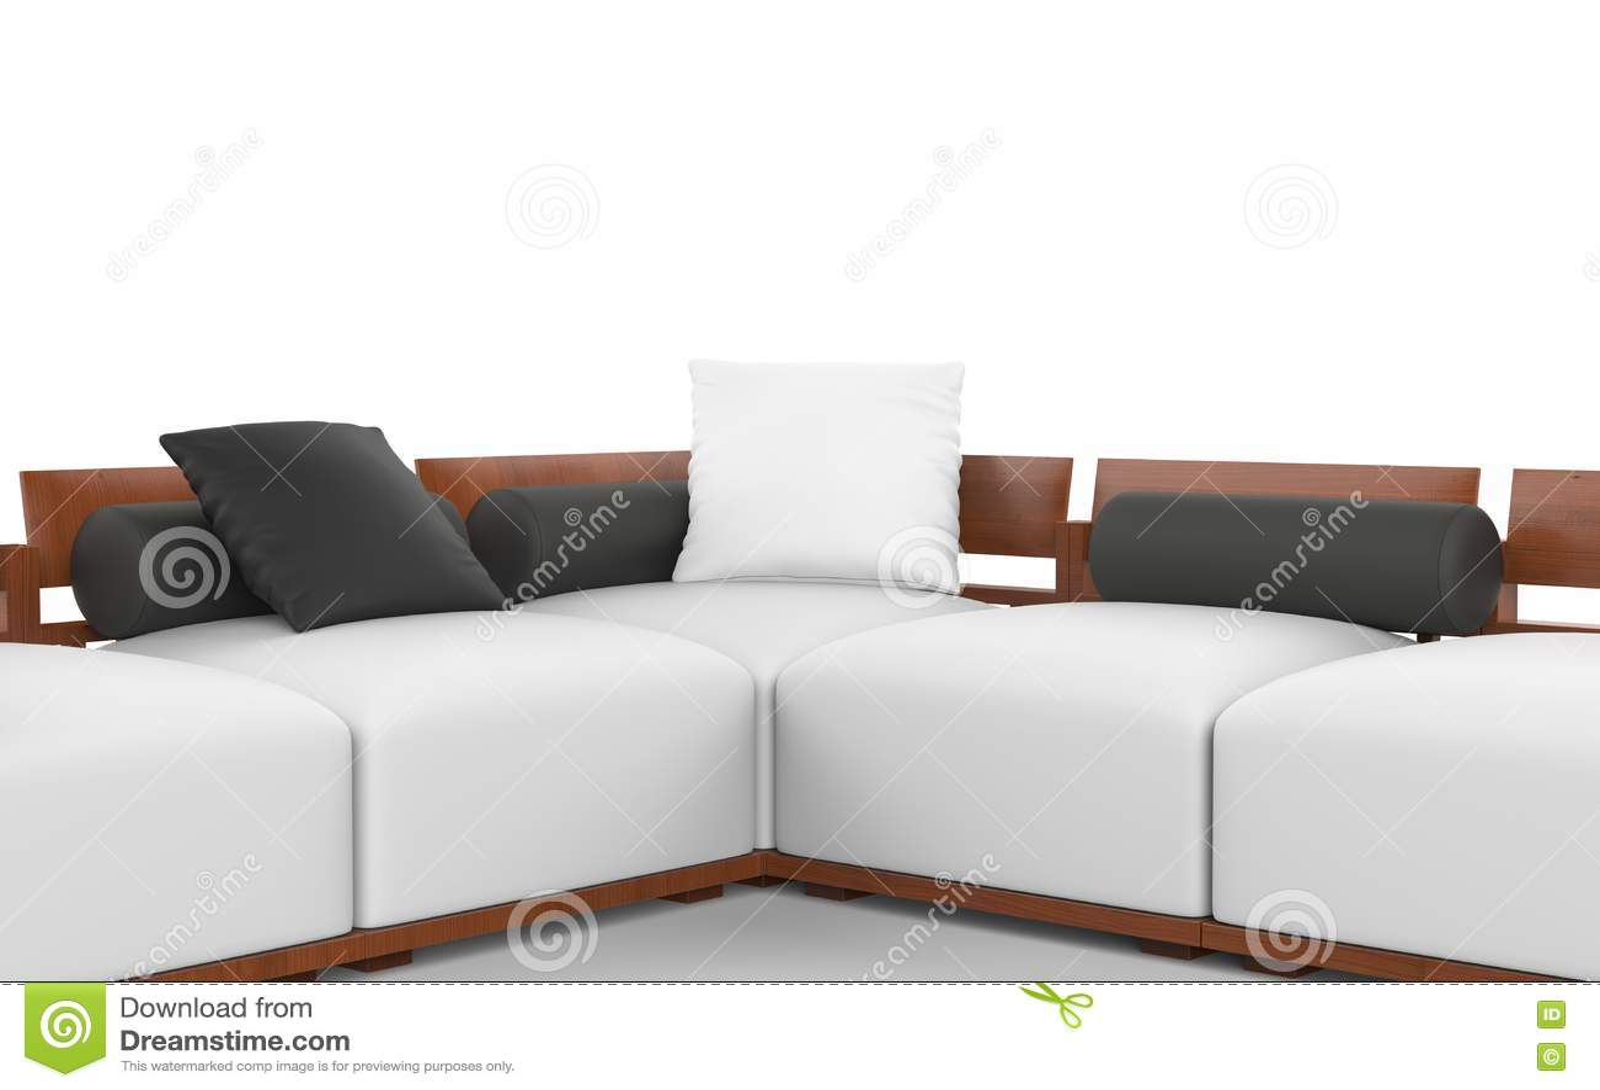 Sofa faisant le coin avec les appuis-tête en bois, les sièges blancs et les oreillers noirs